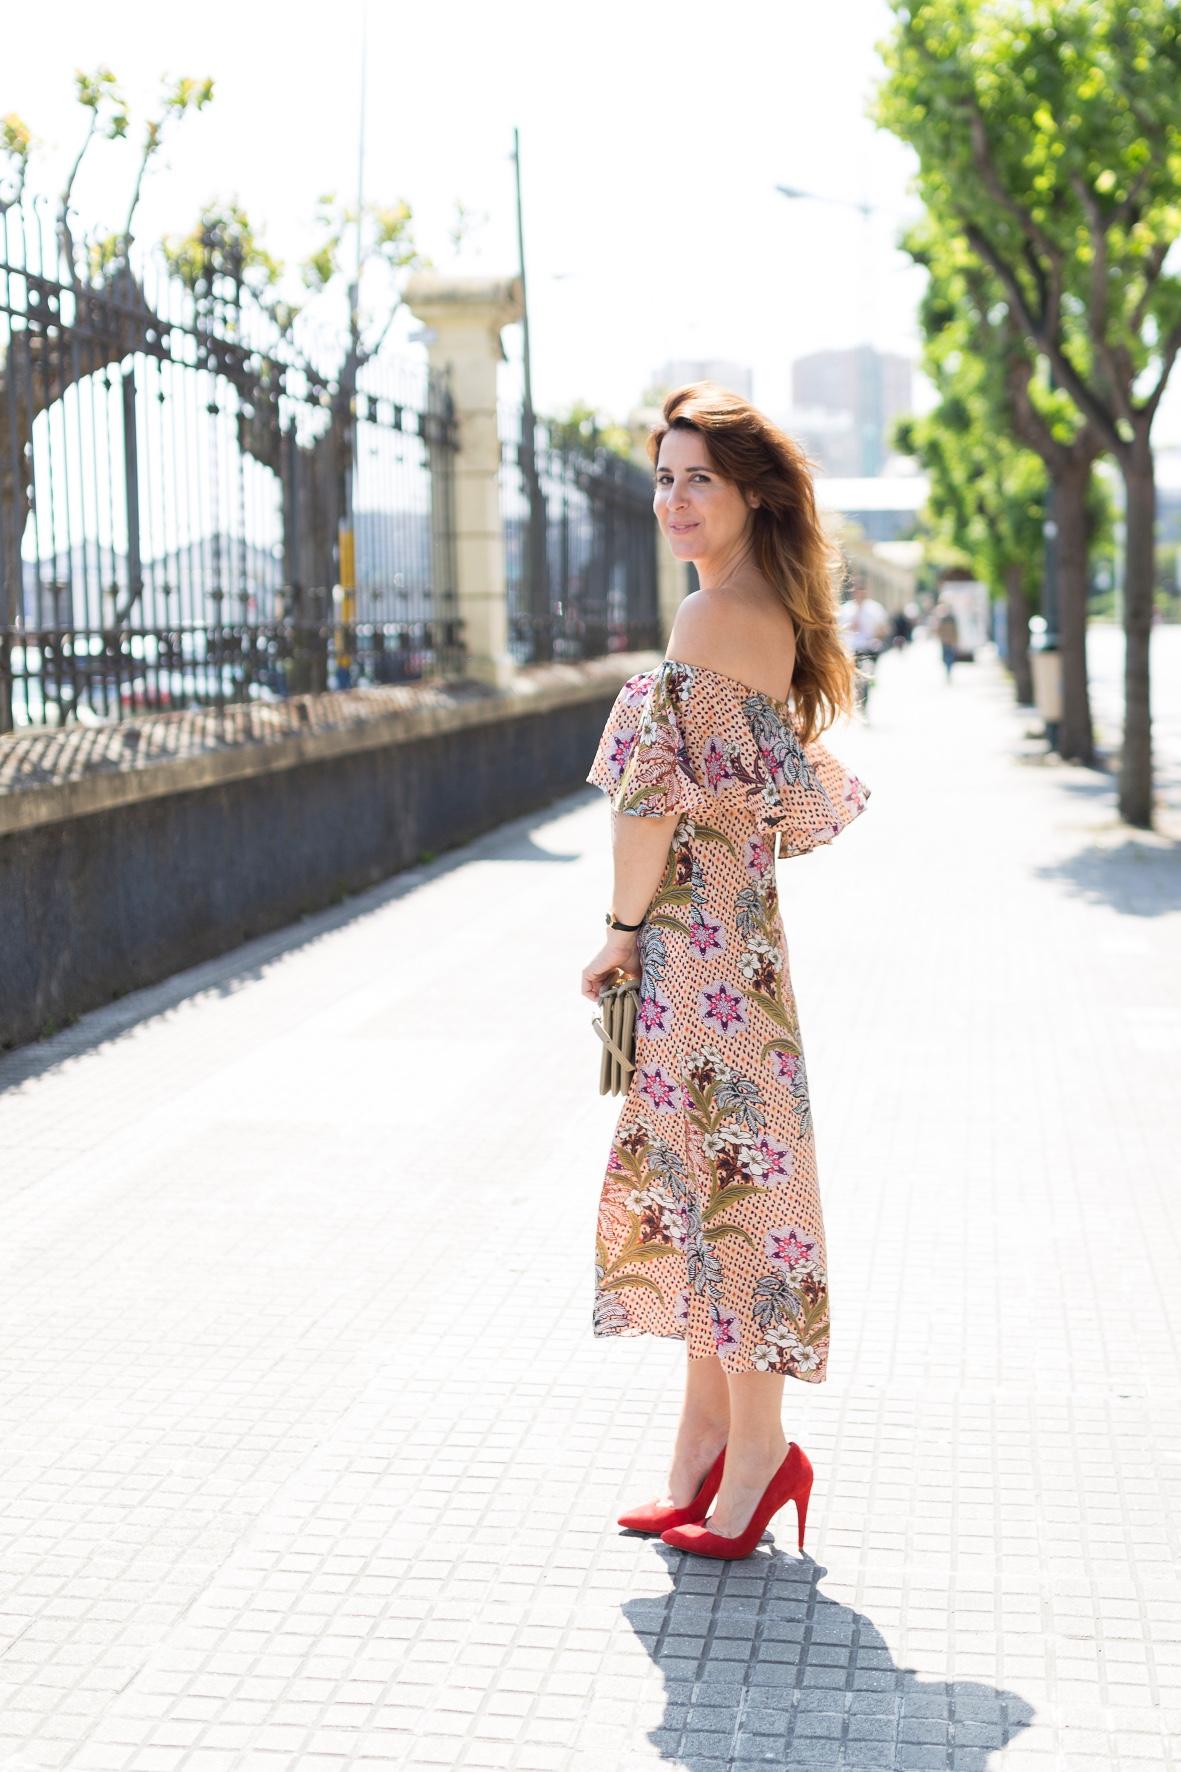 coruña-fashioblogger-zara -descalzaporelparque- blogger-cèline bag · coruña ·cèline -dress · street · trió bag